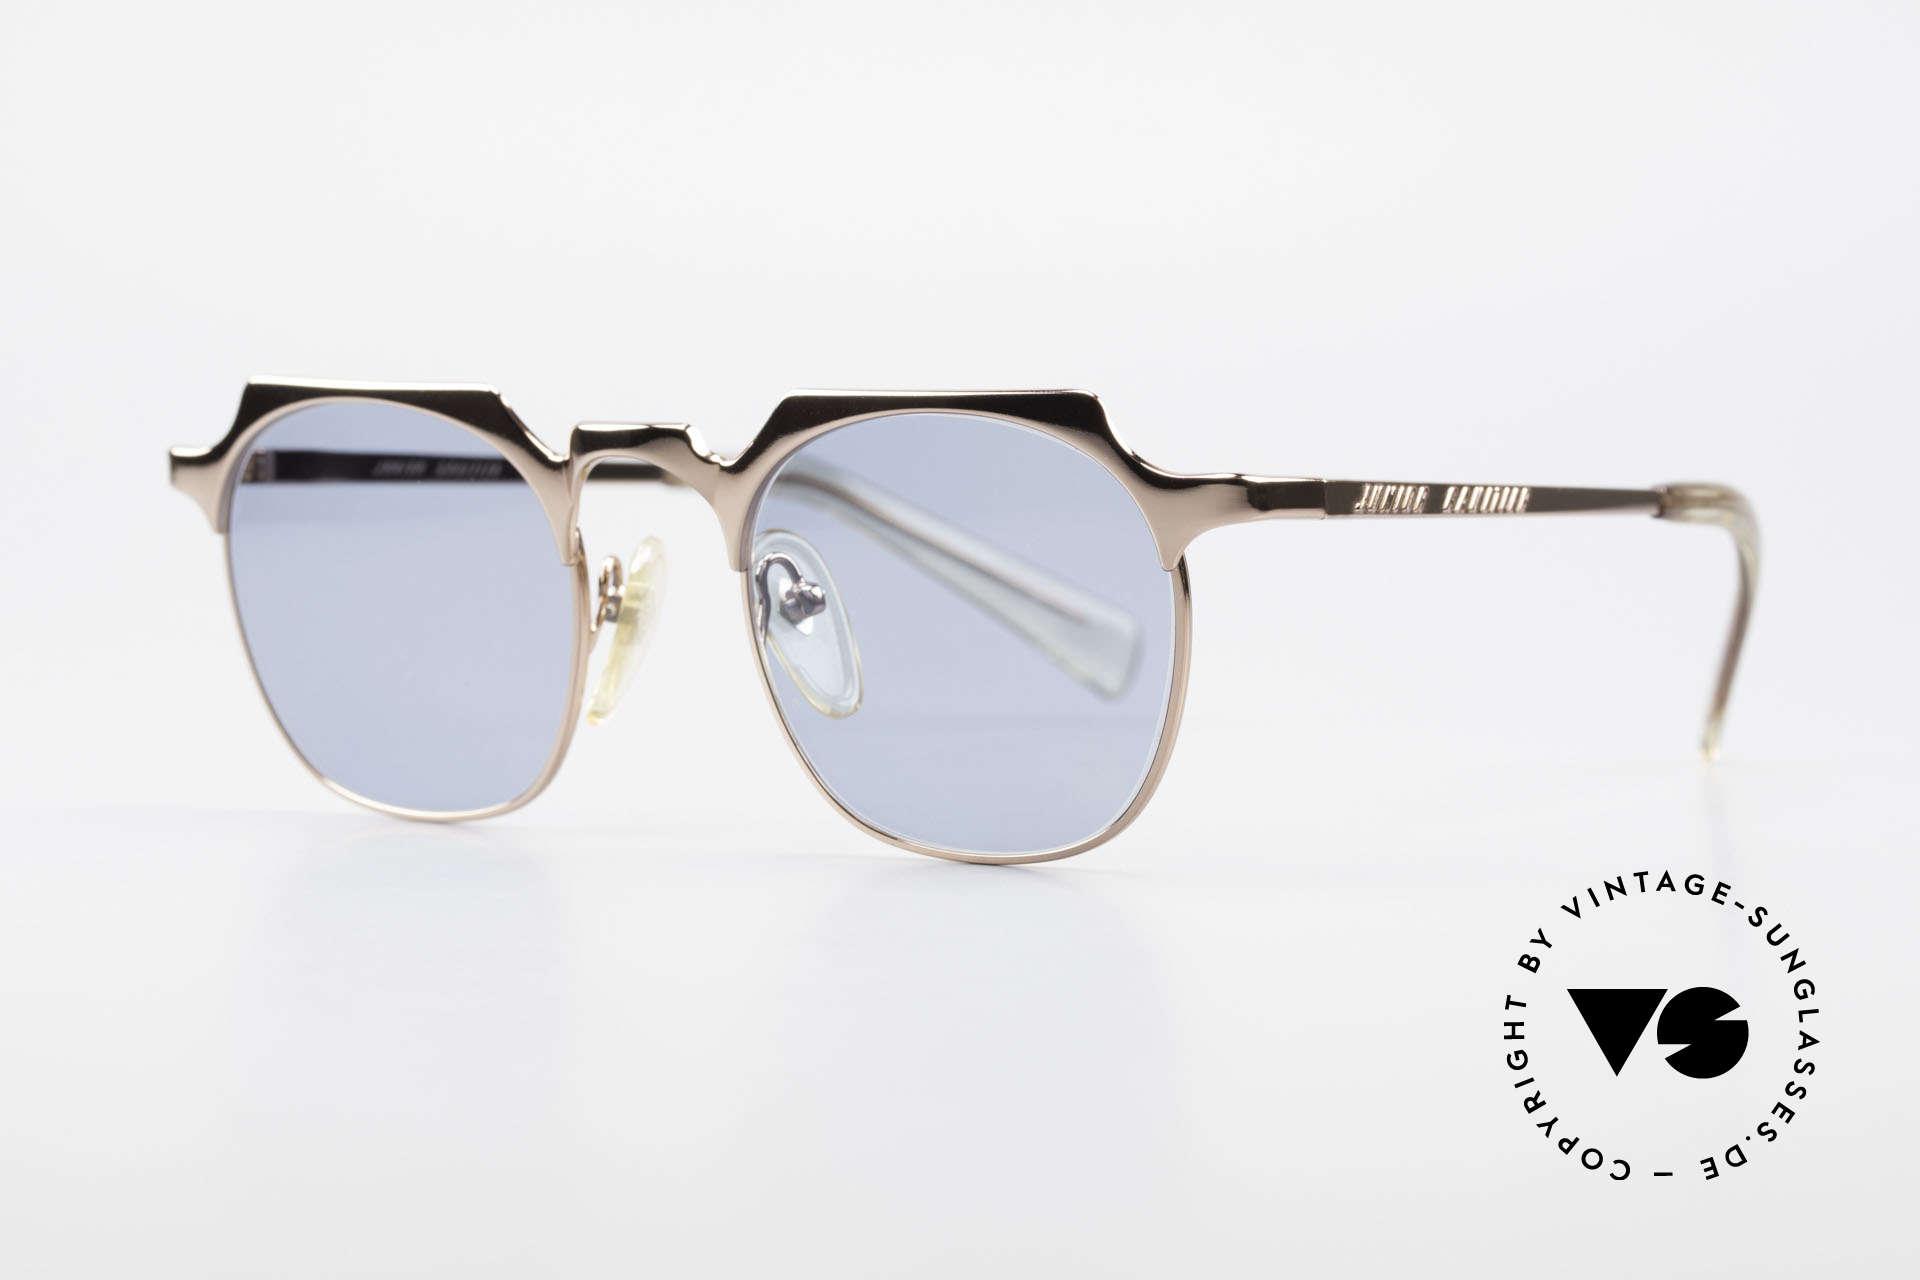 Jean Paul Gaultier 57-0171 Panto Designer Sonnenbrille, die klassische Panto-Form mal eckig interpretiert, Passend für Herren und Damen